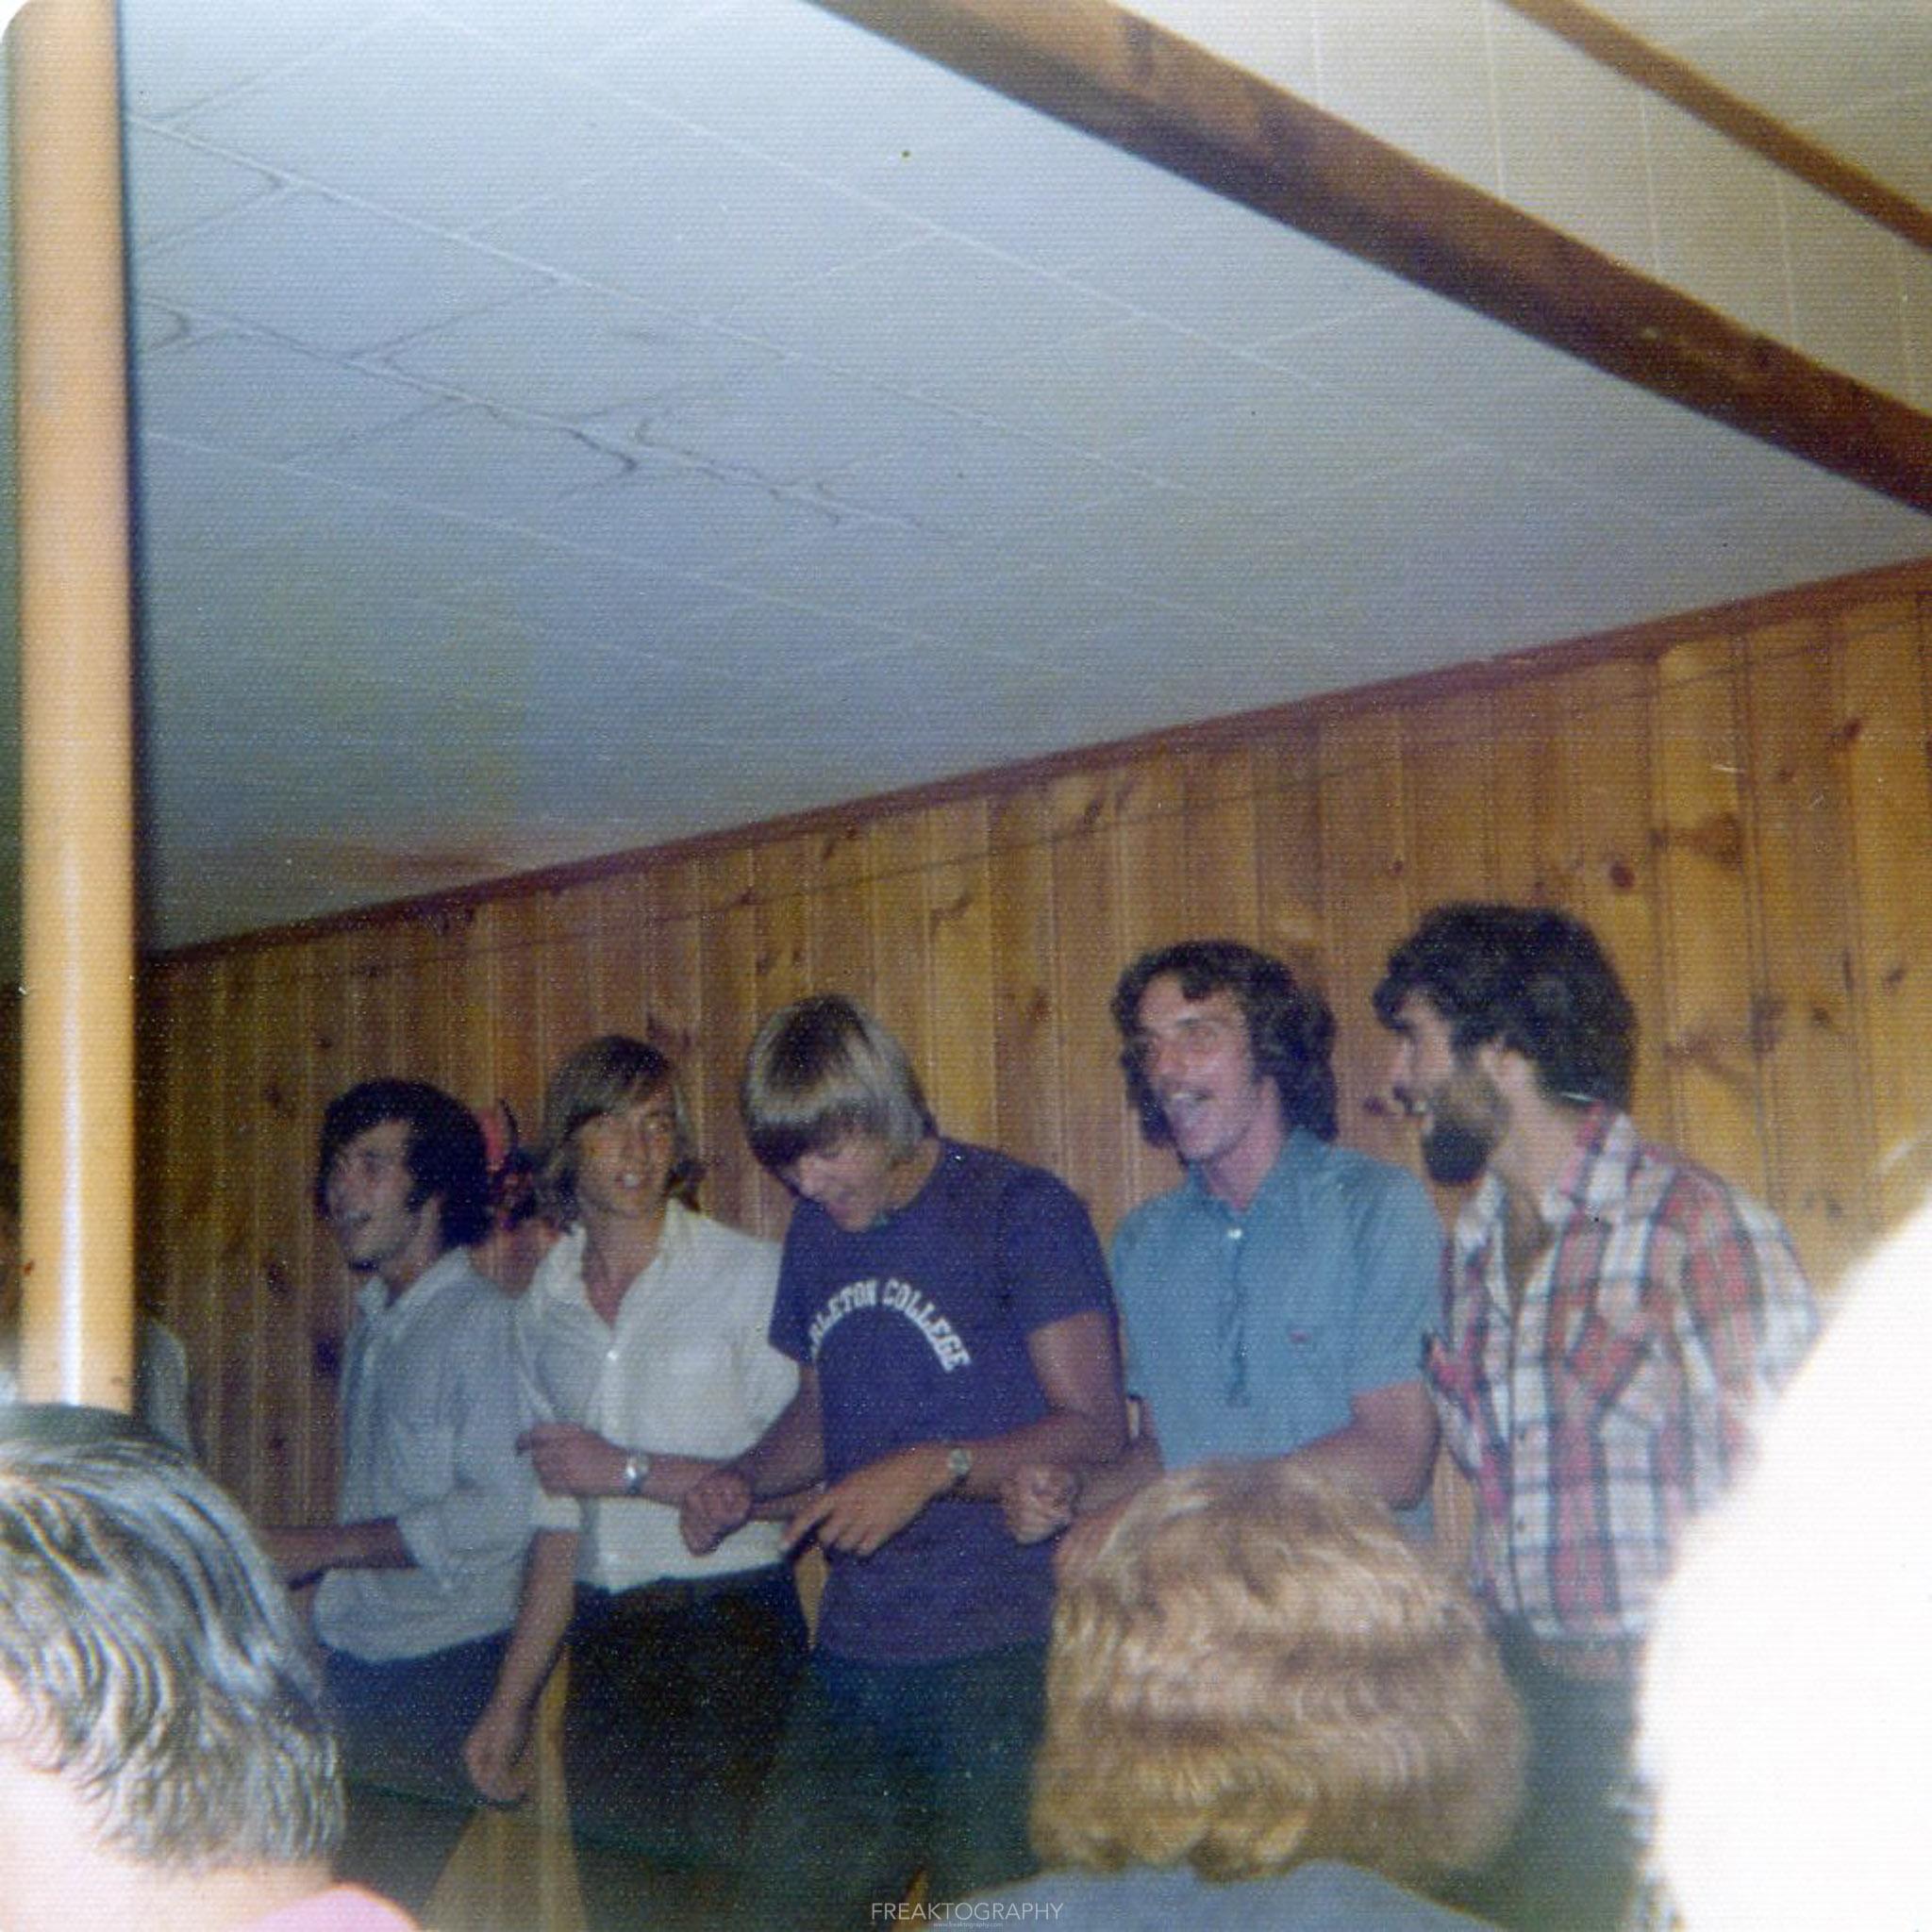 Rockcliffe tavern 1970s 80's